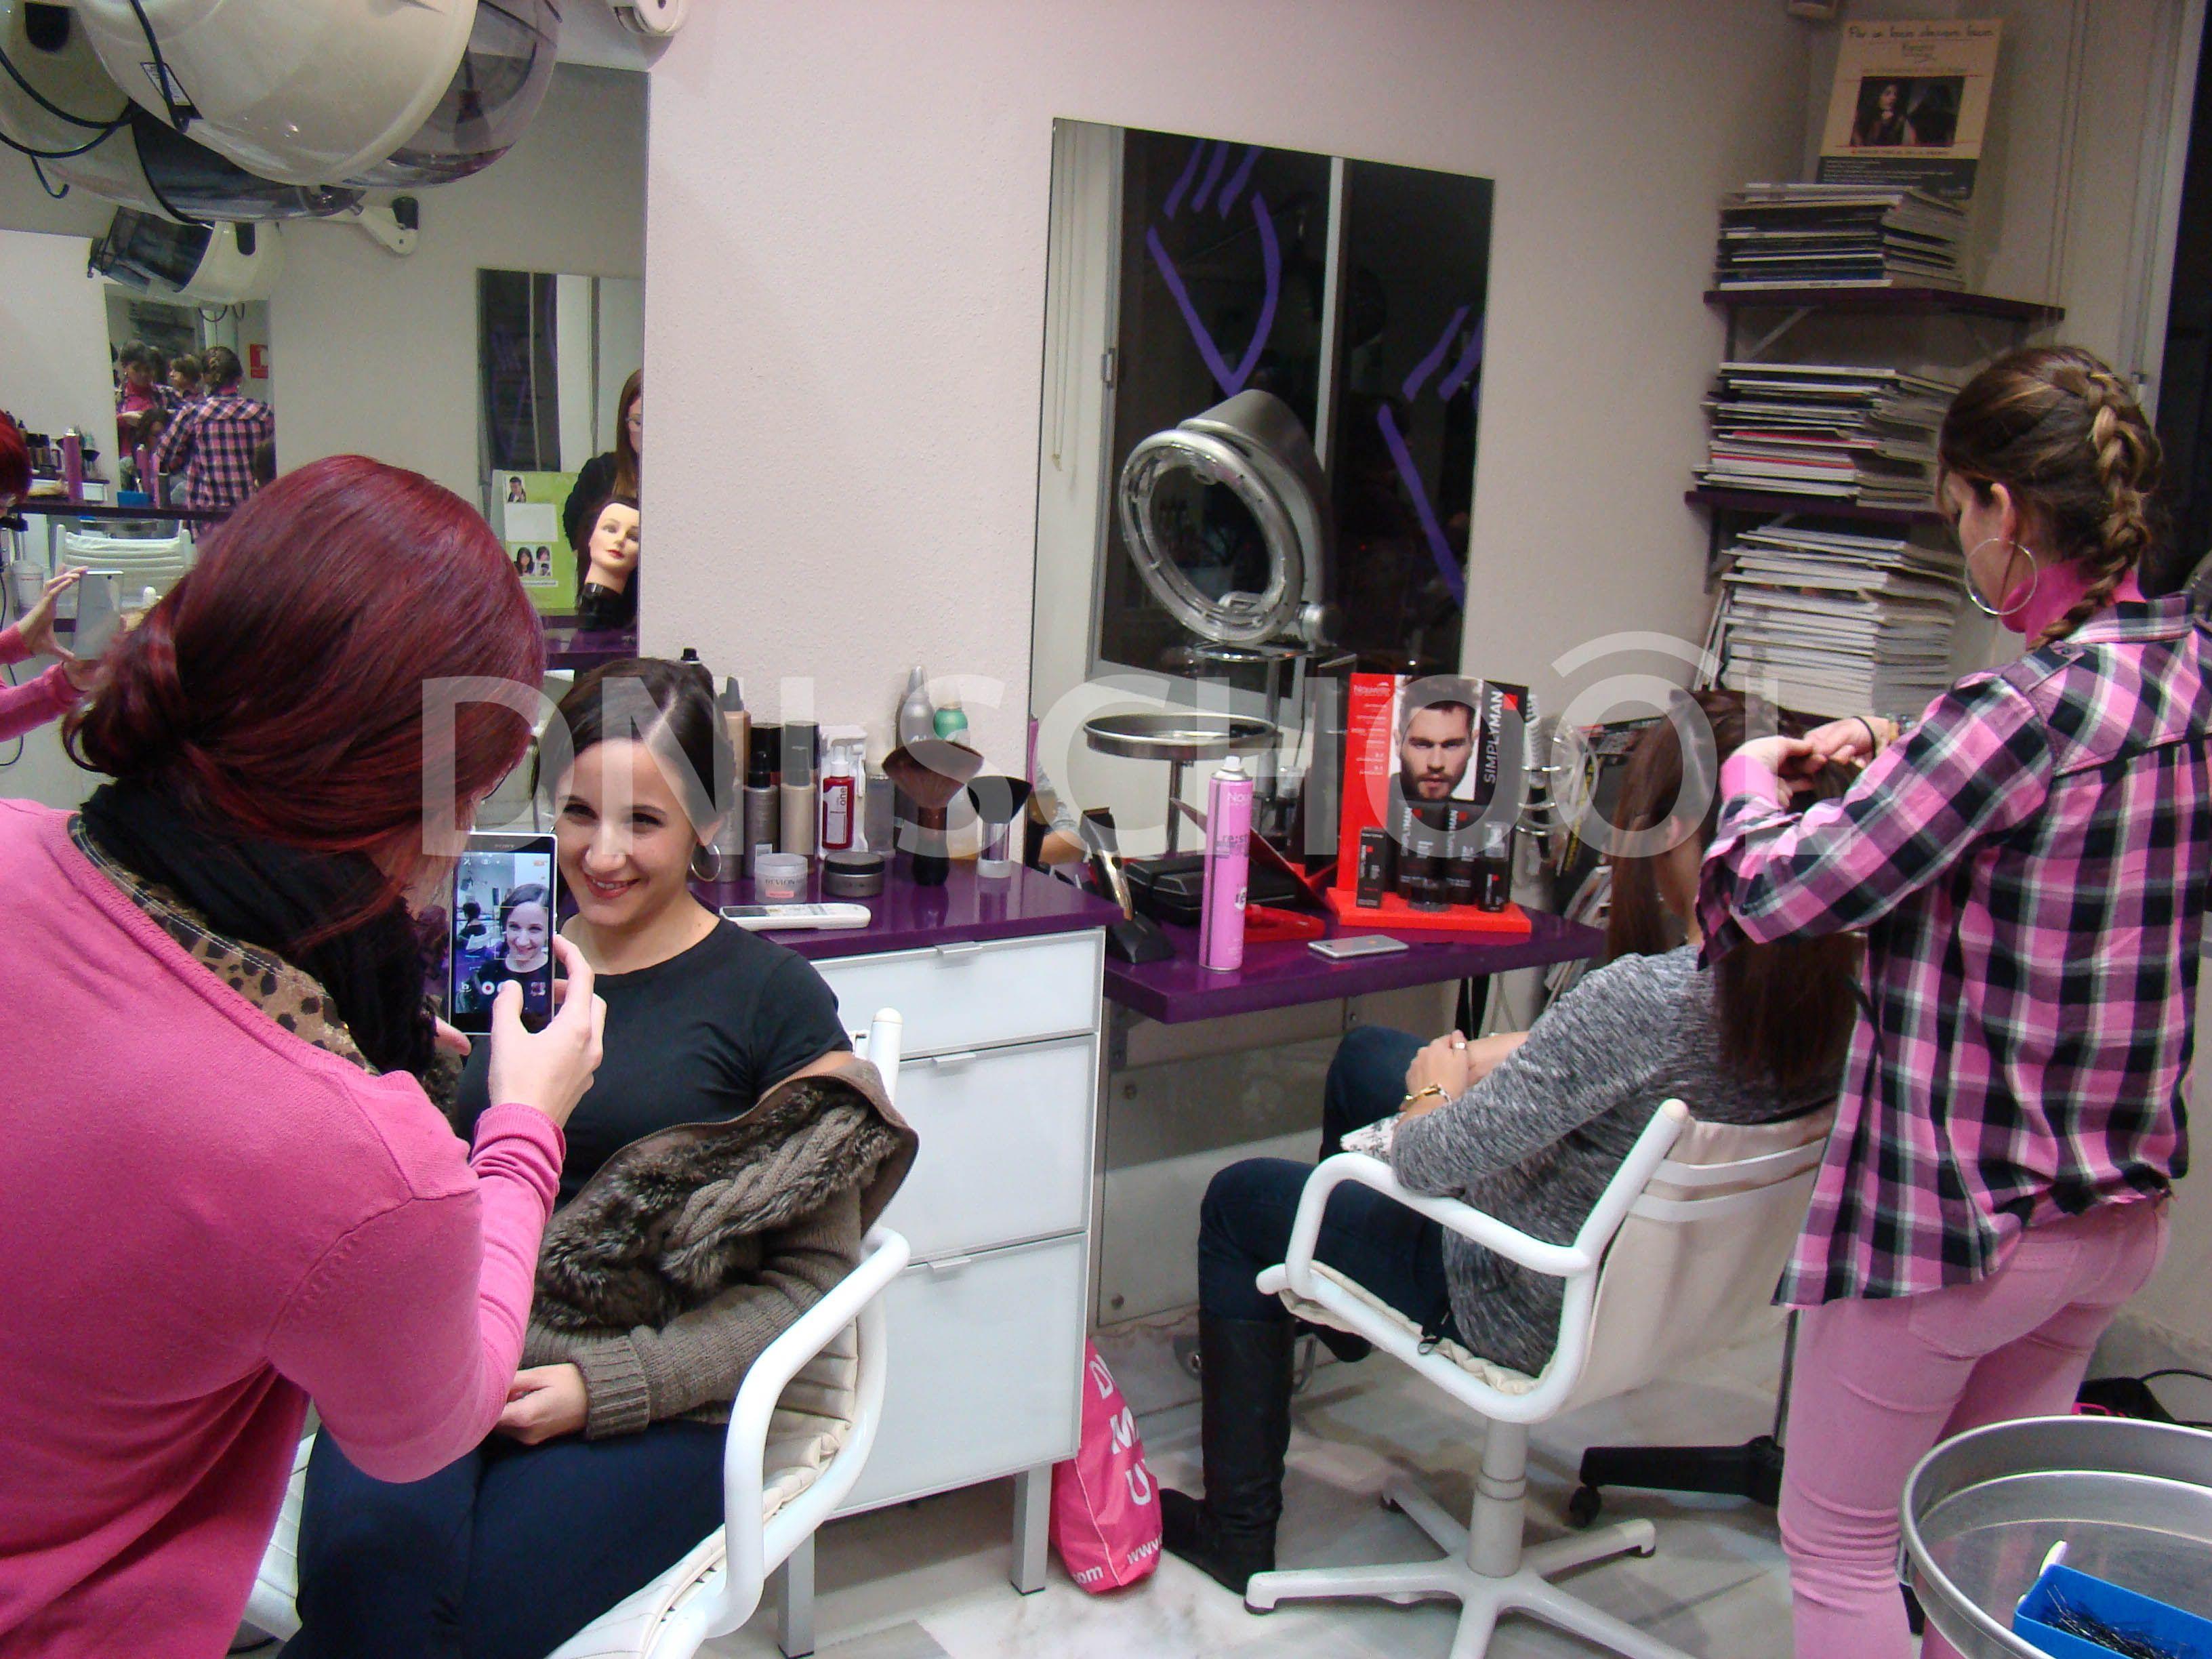 Nuestros alumnos del Master de Maquillaje de 18 meses de DNI SCHOOL Málaga han concluido la formación de Peluquería en escena. Para ello se desplazaron al Centro de Alto Rendimiento Divos en el que su director Manuel Santos transmitió al alumnado todas las técnicas necesarias para preparar el cabello en sus futuros trabajos de Maquillaje.